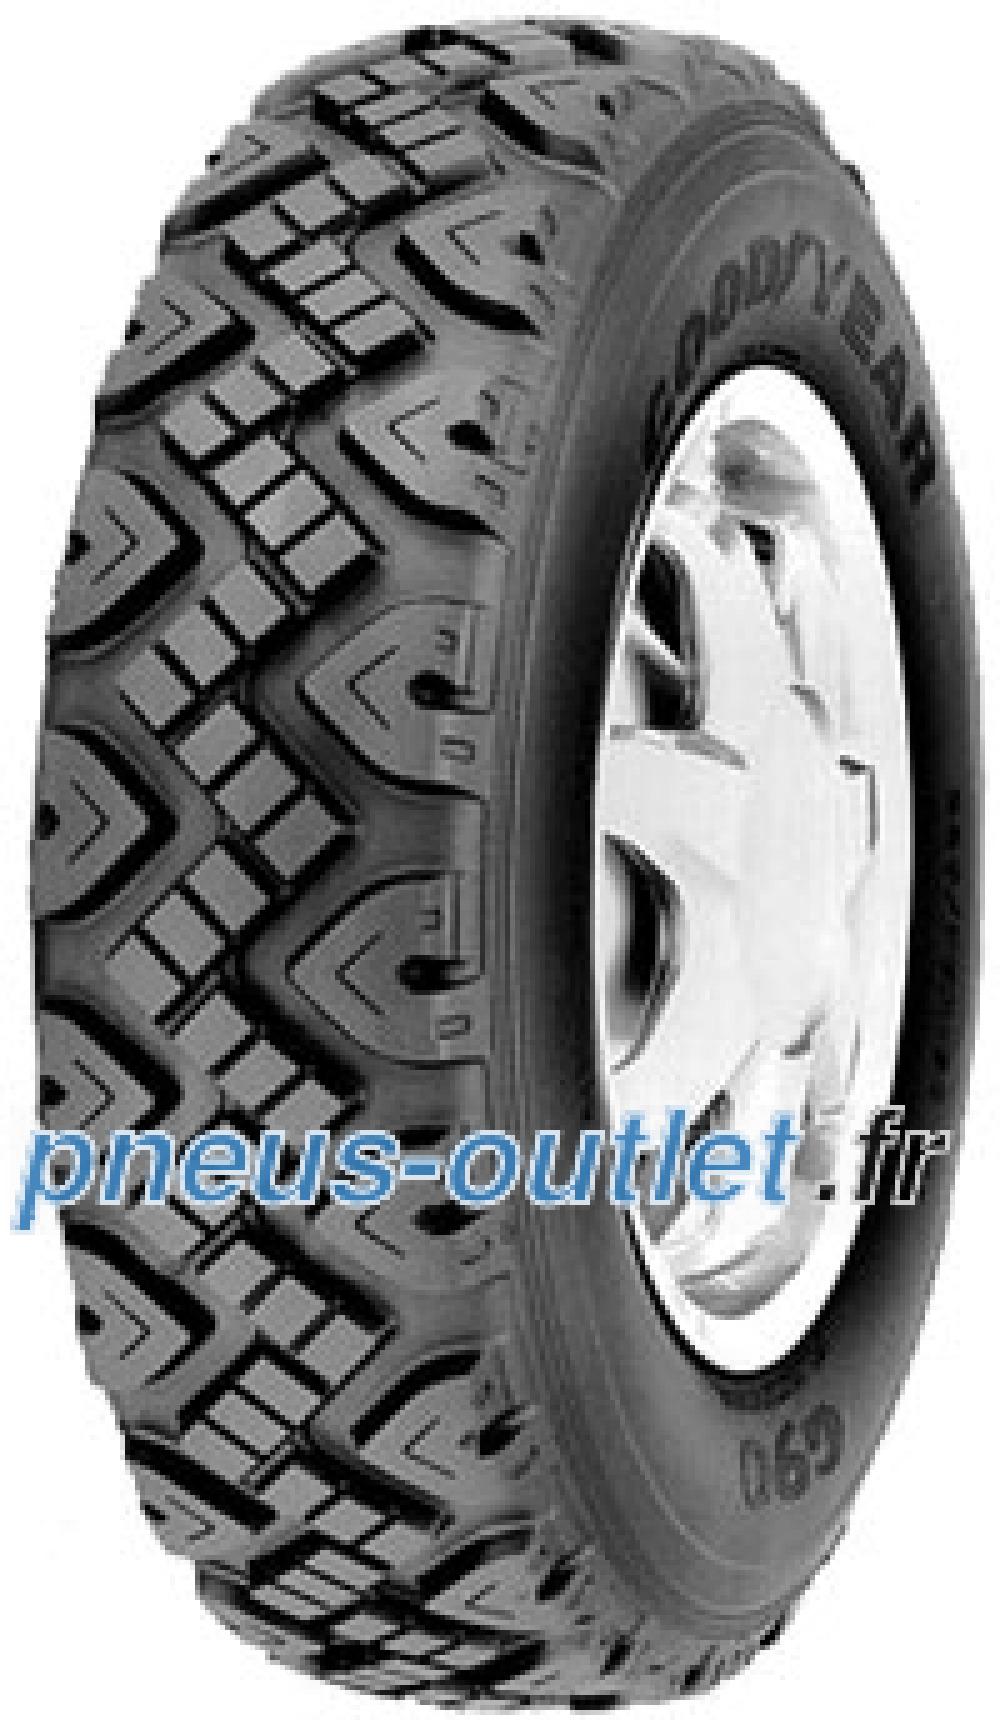 pneus achat vente de pneus pas cher. Black Bedroom Furniture Sets. Home Design Ideas